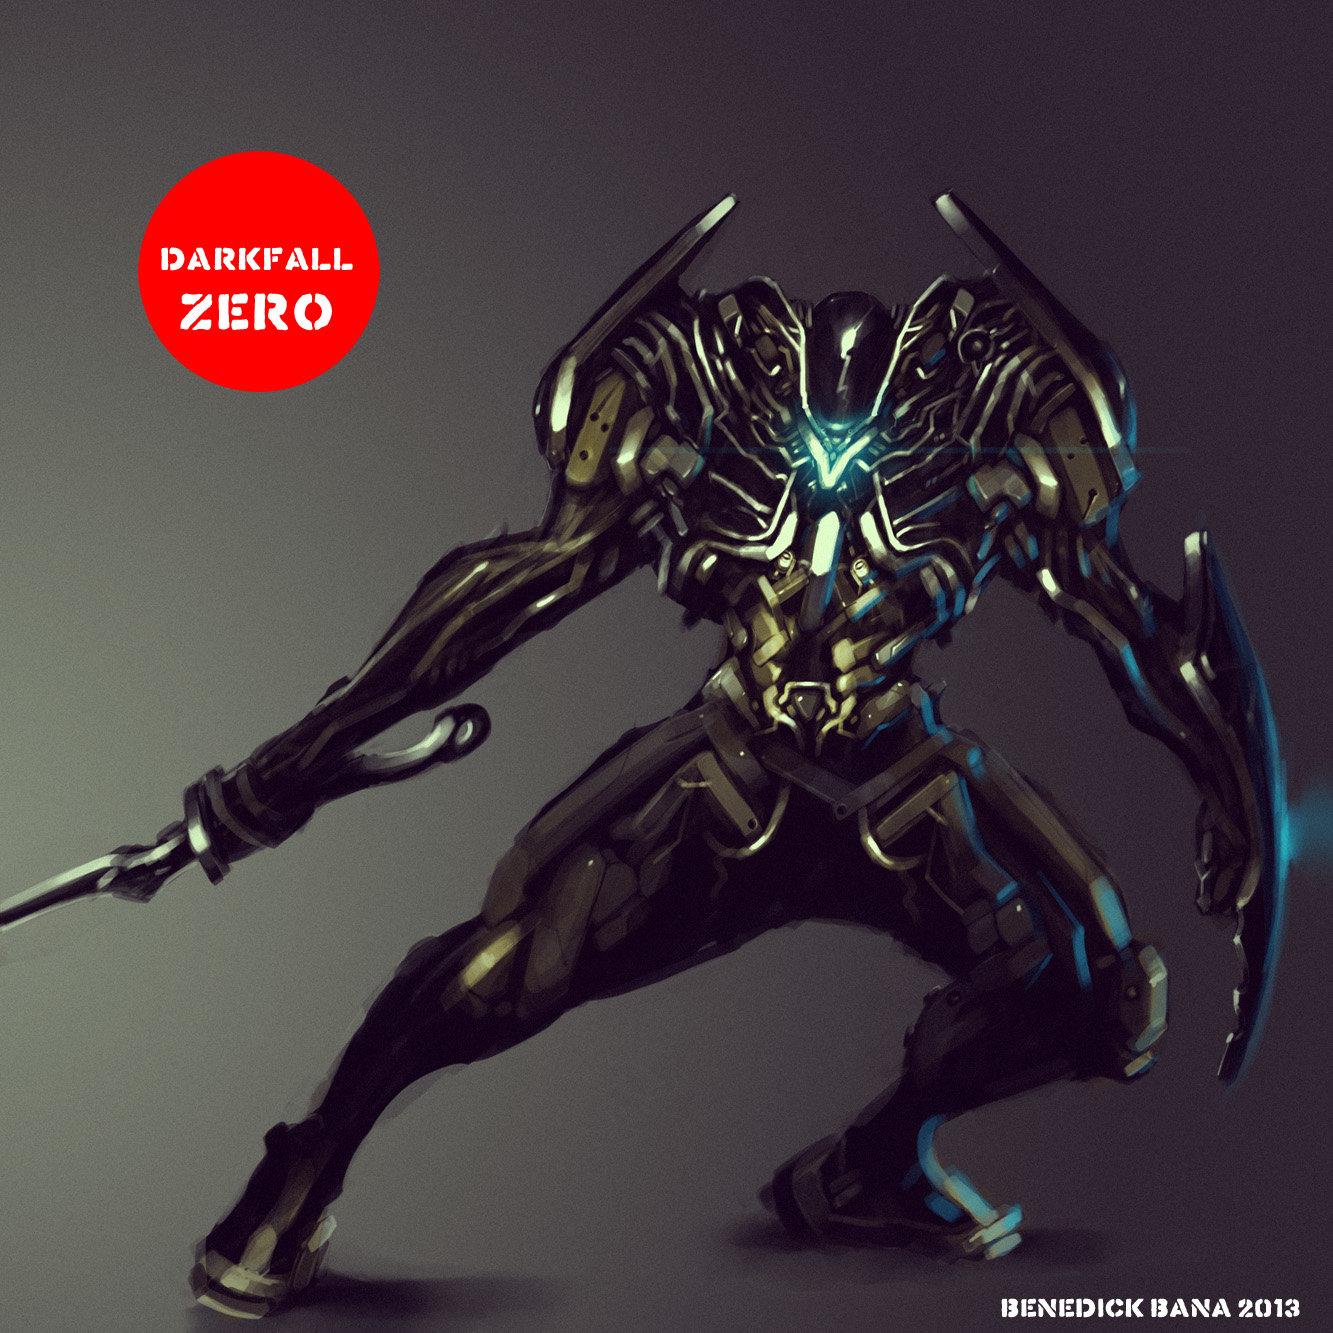 Benedick bana darkfall zero final 200